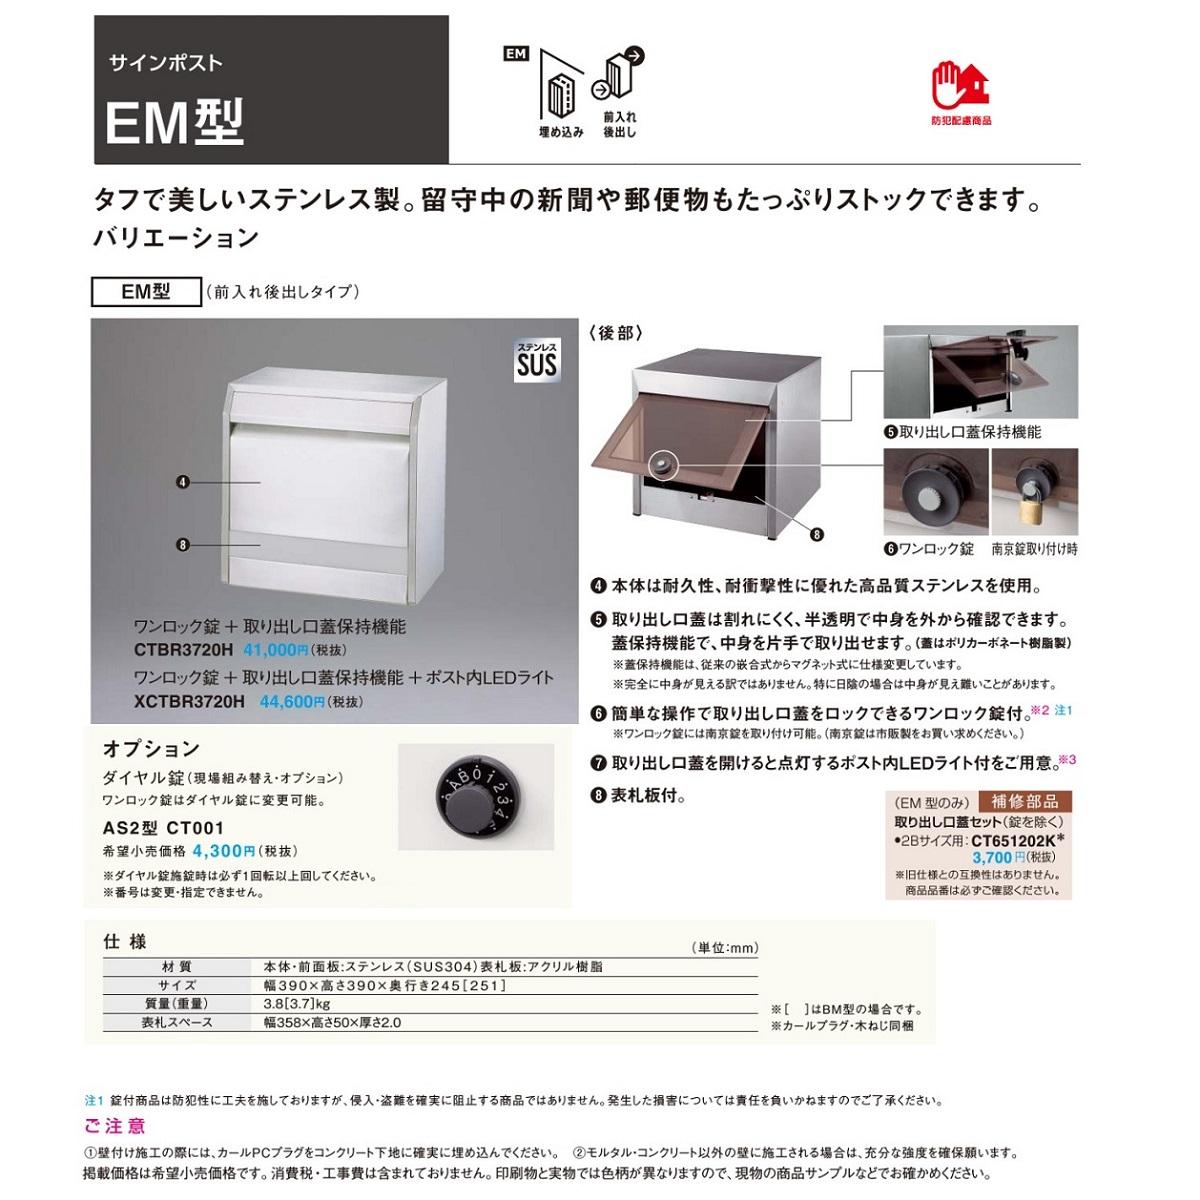 パナソニック エクステリア サインポストEM型(ワンロック錠+ポスト内LEDライト)【XCTBR3720】